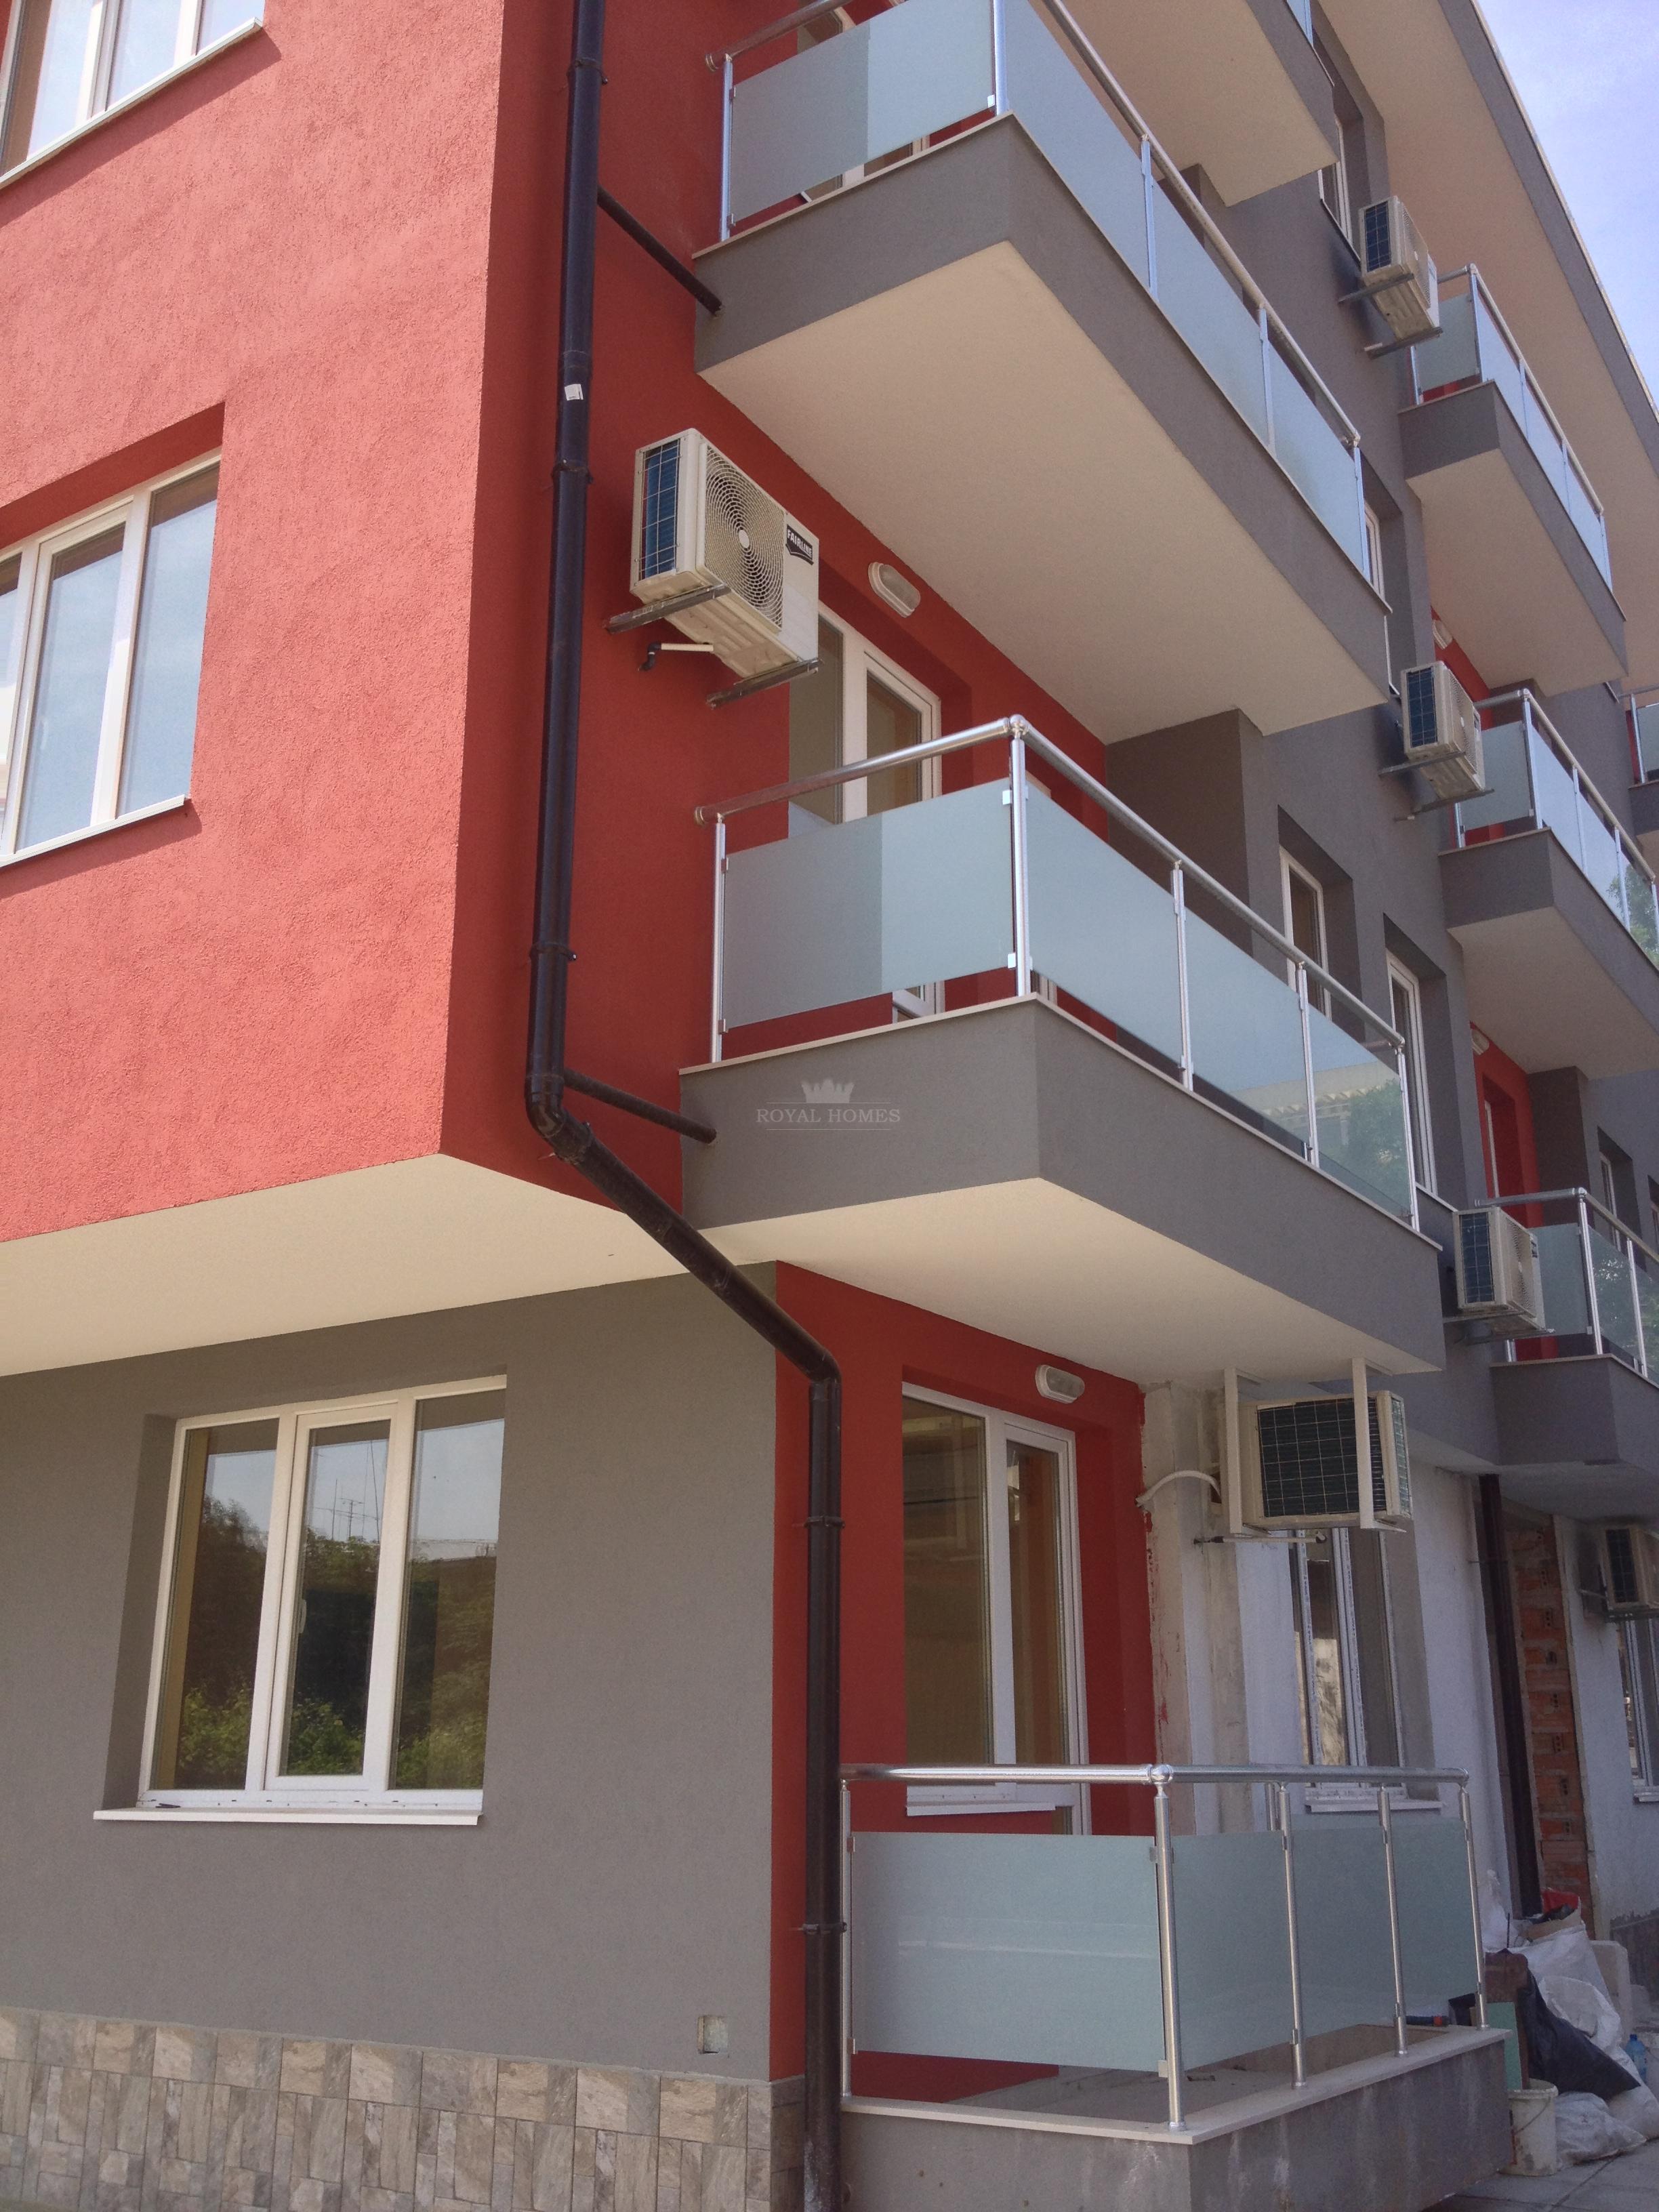 Недвижимость в Сандански Болгарии - купить дом, квартиру